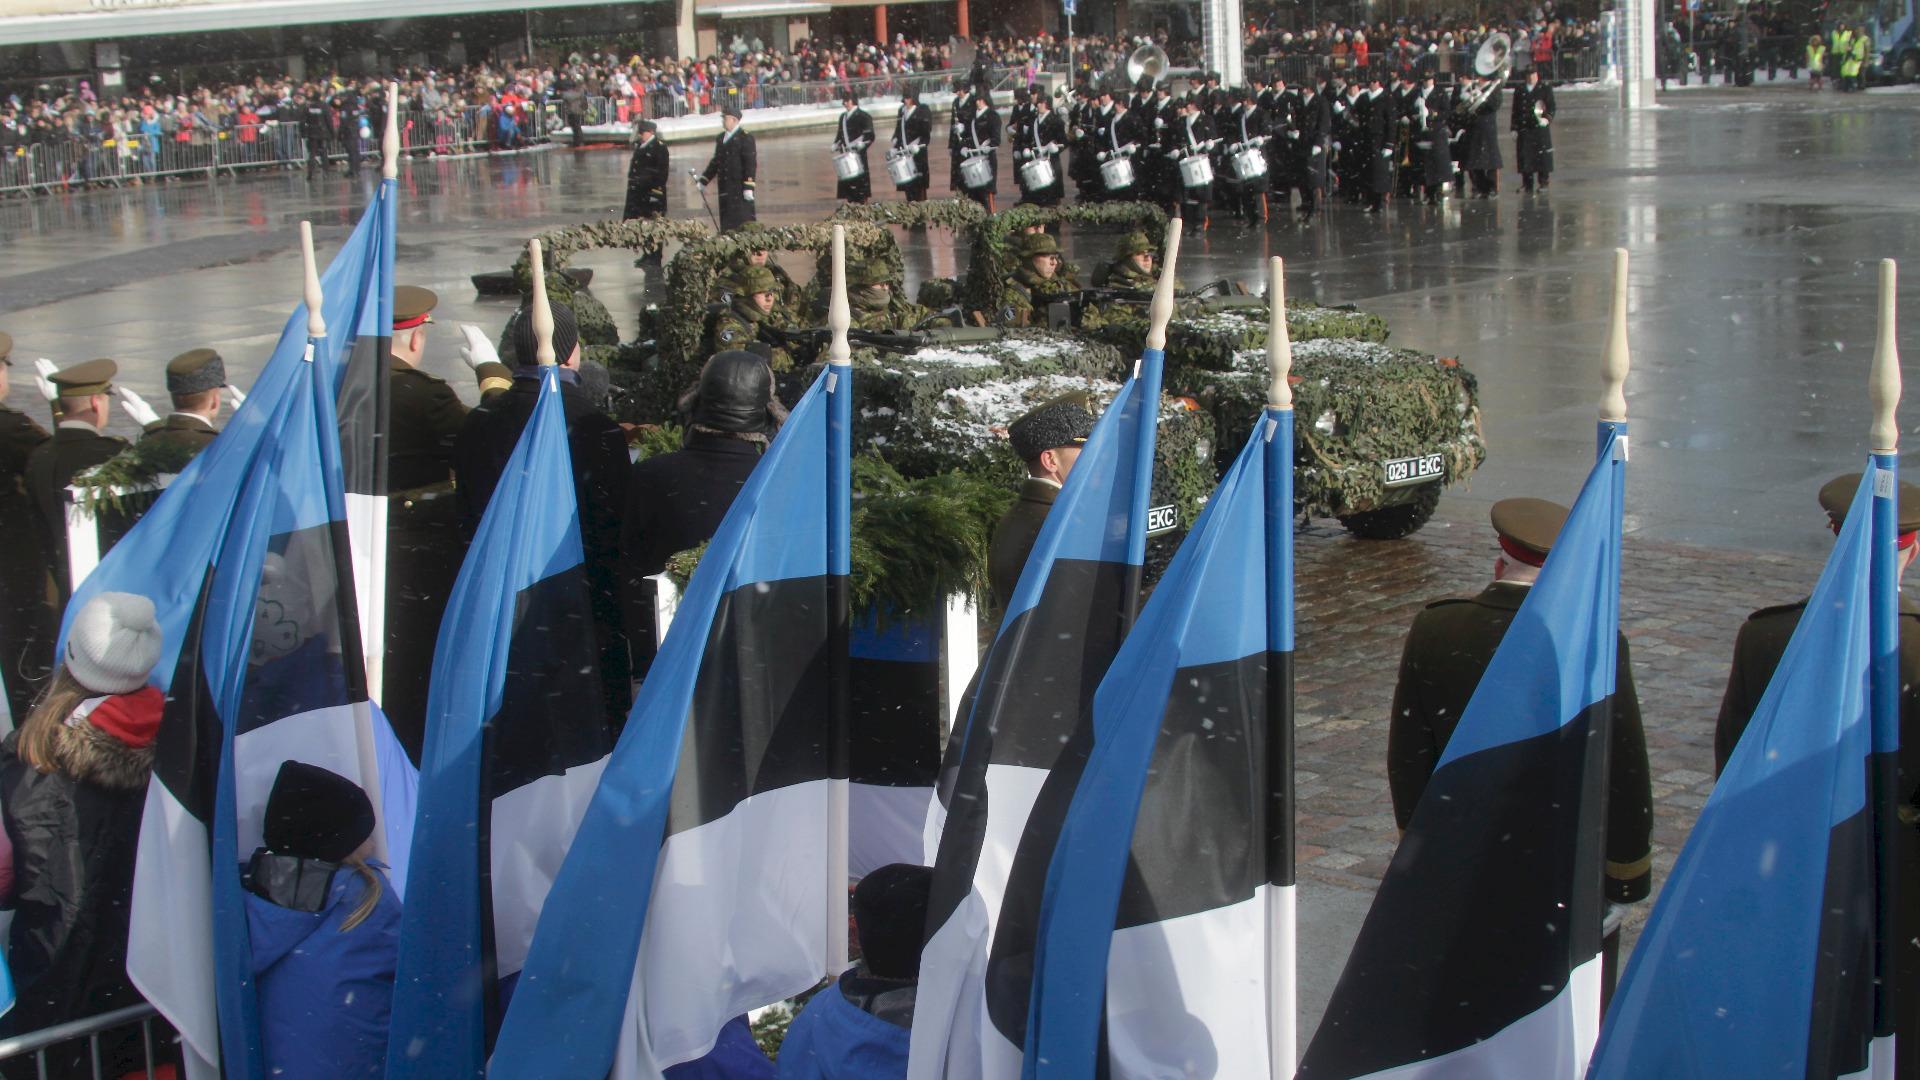 Естония отбеляза вчера стотната годишнина на независимостта си с голям